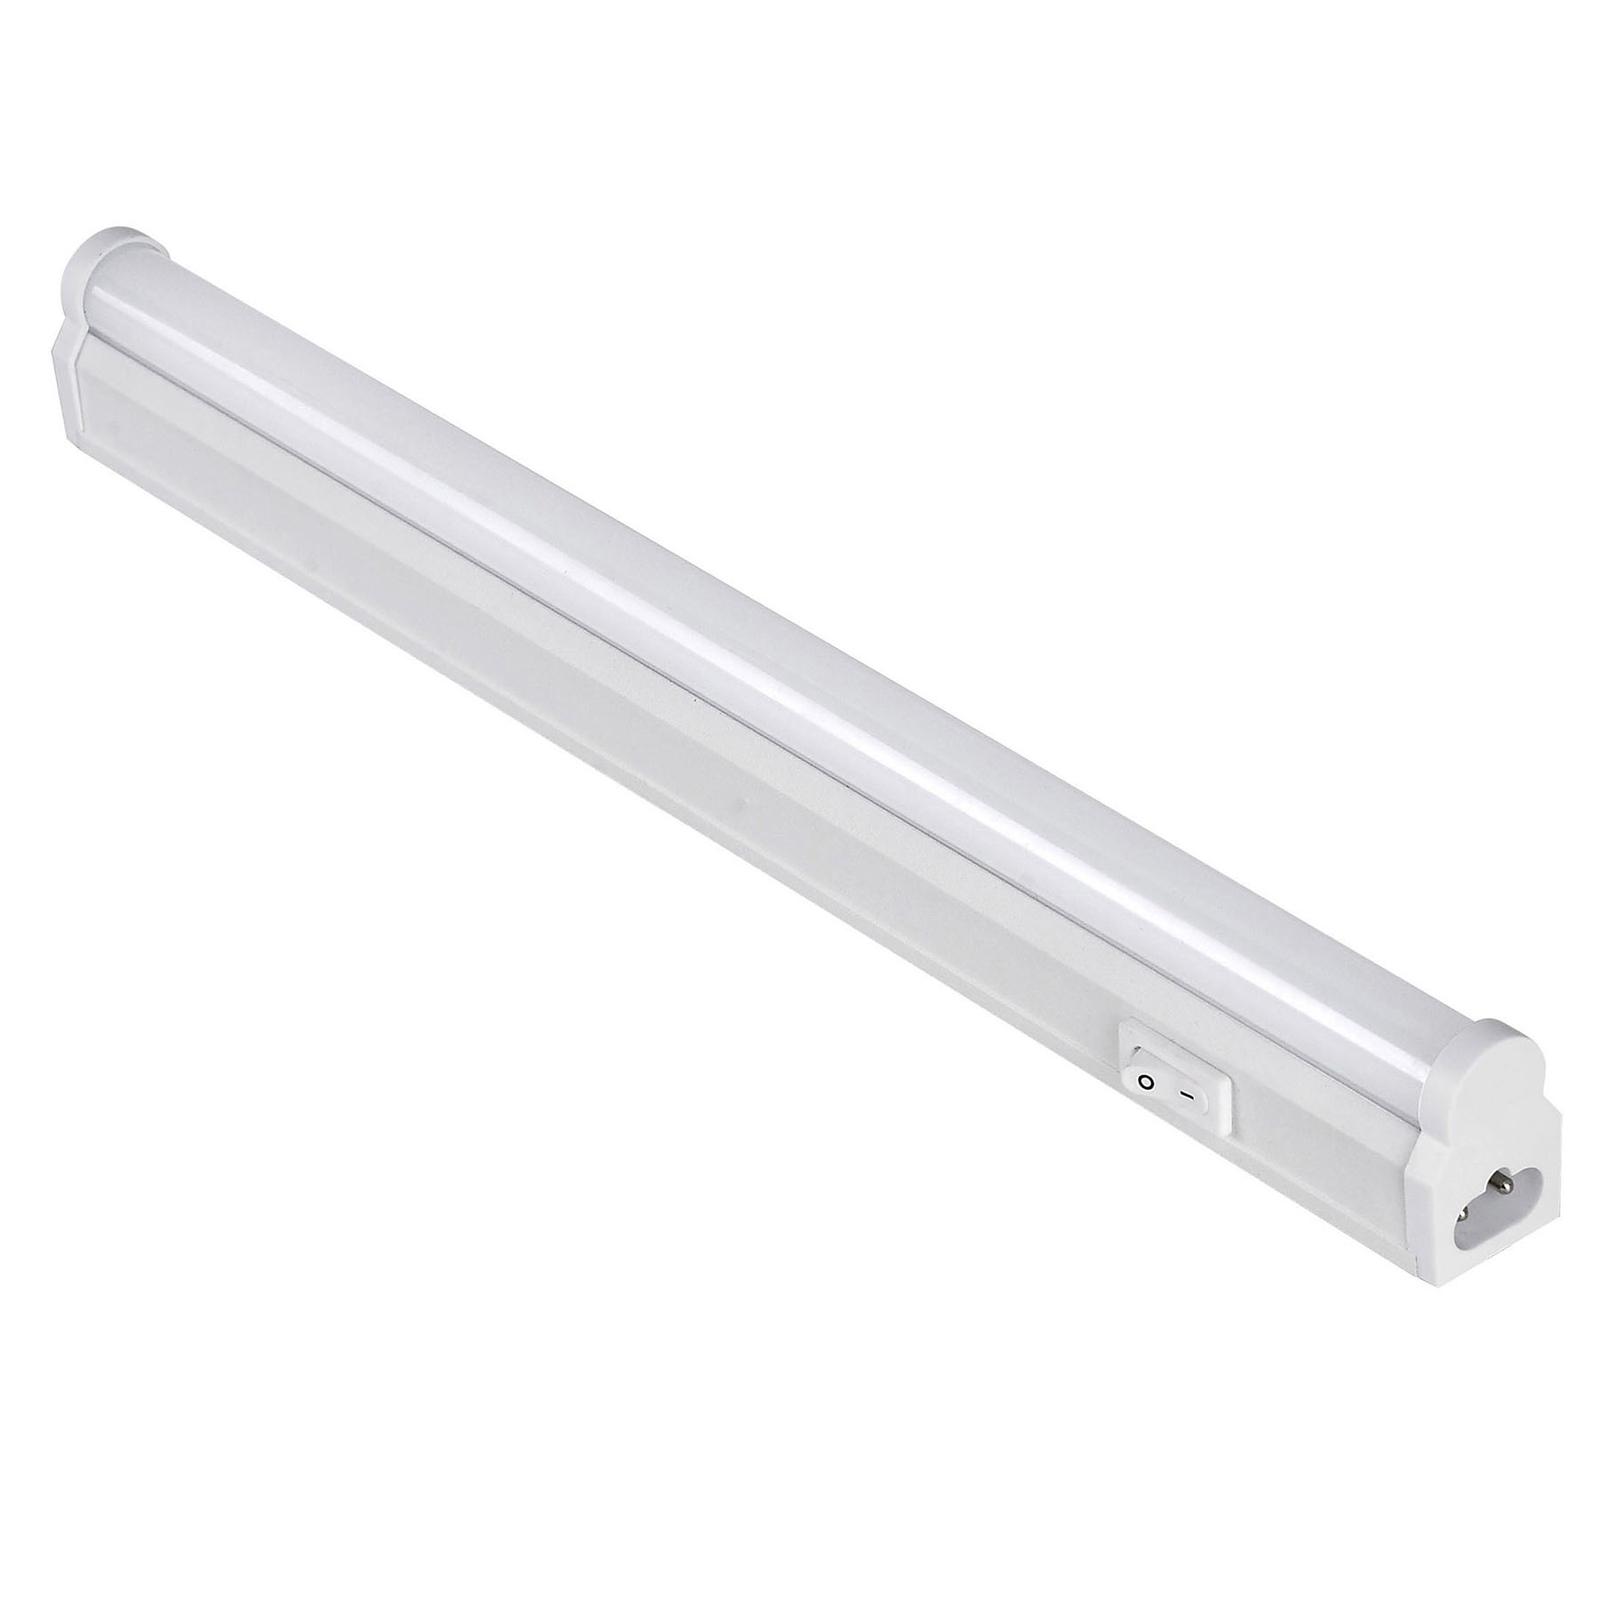 LED-lysliste 982, længde 87,5 cm